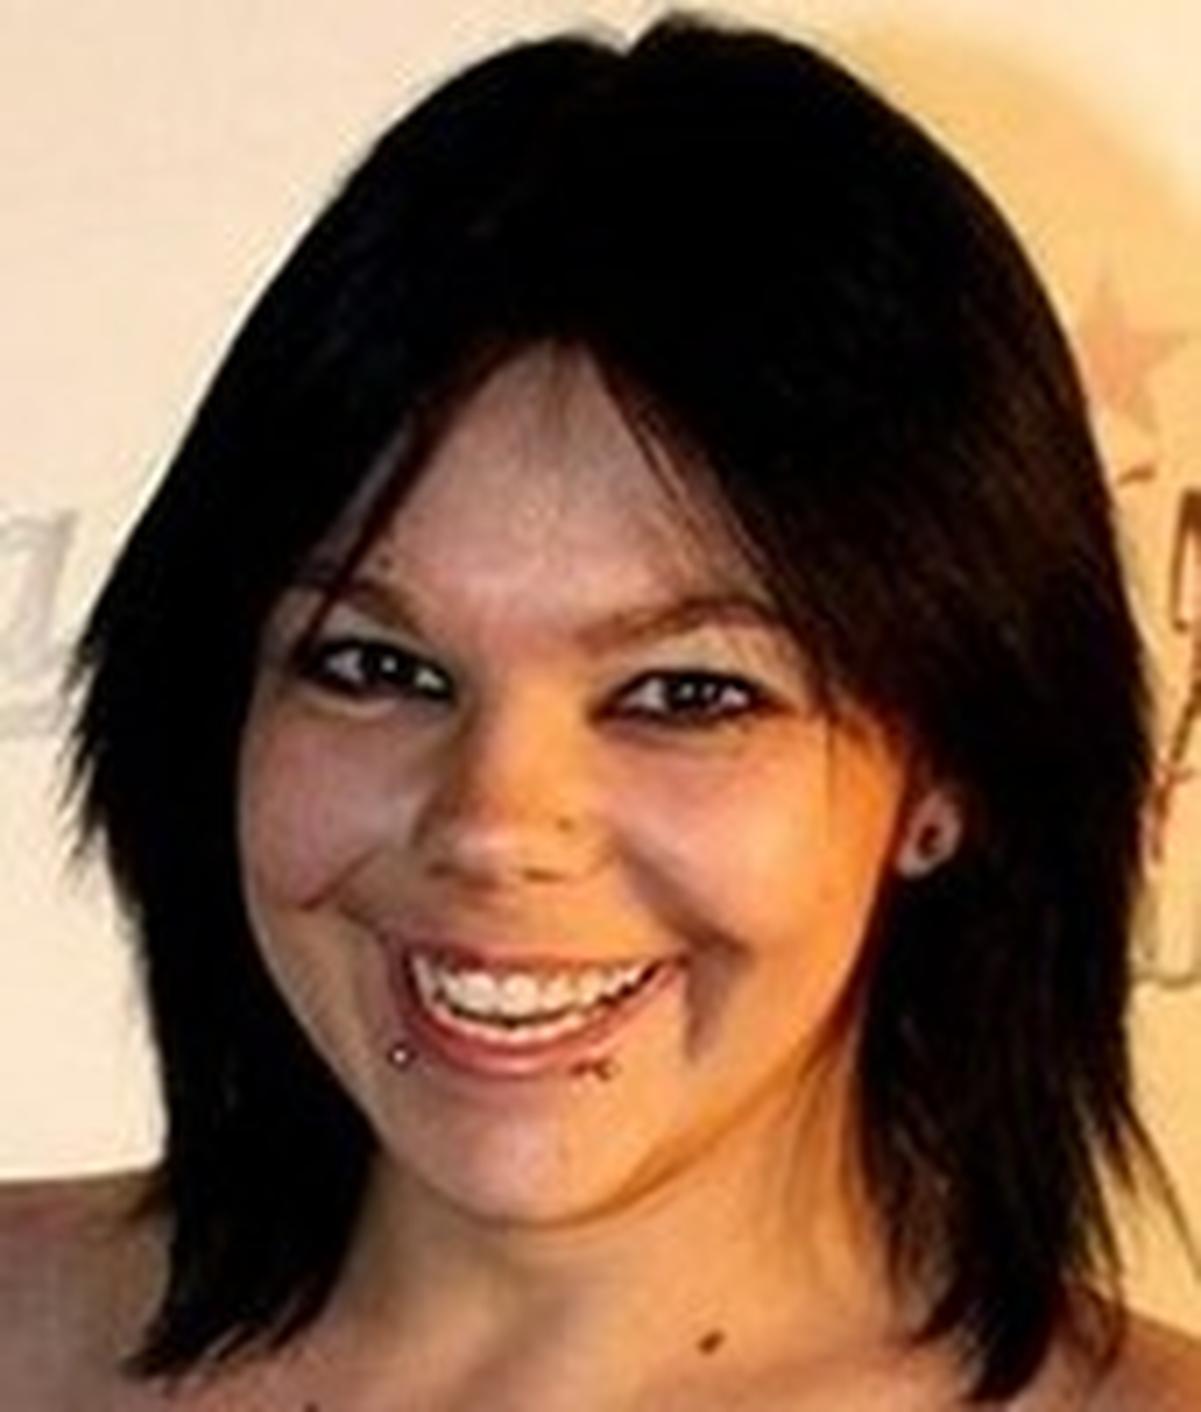 Jill zarin stepdaughter